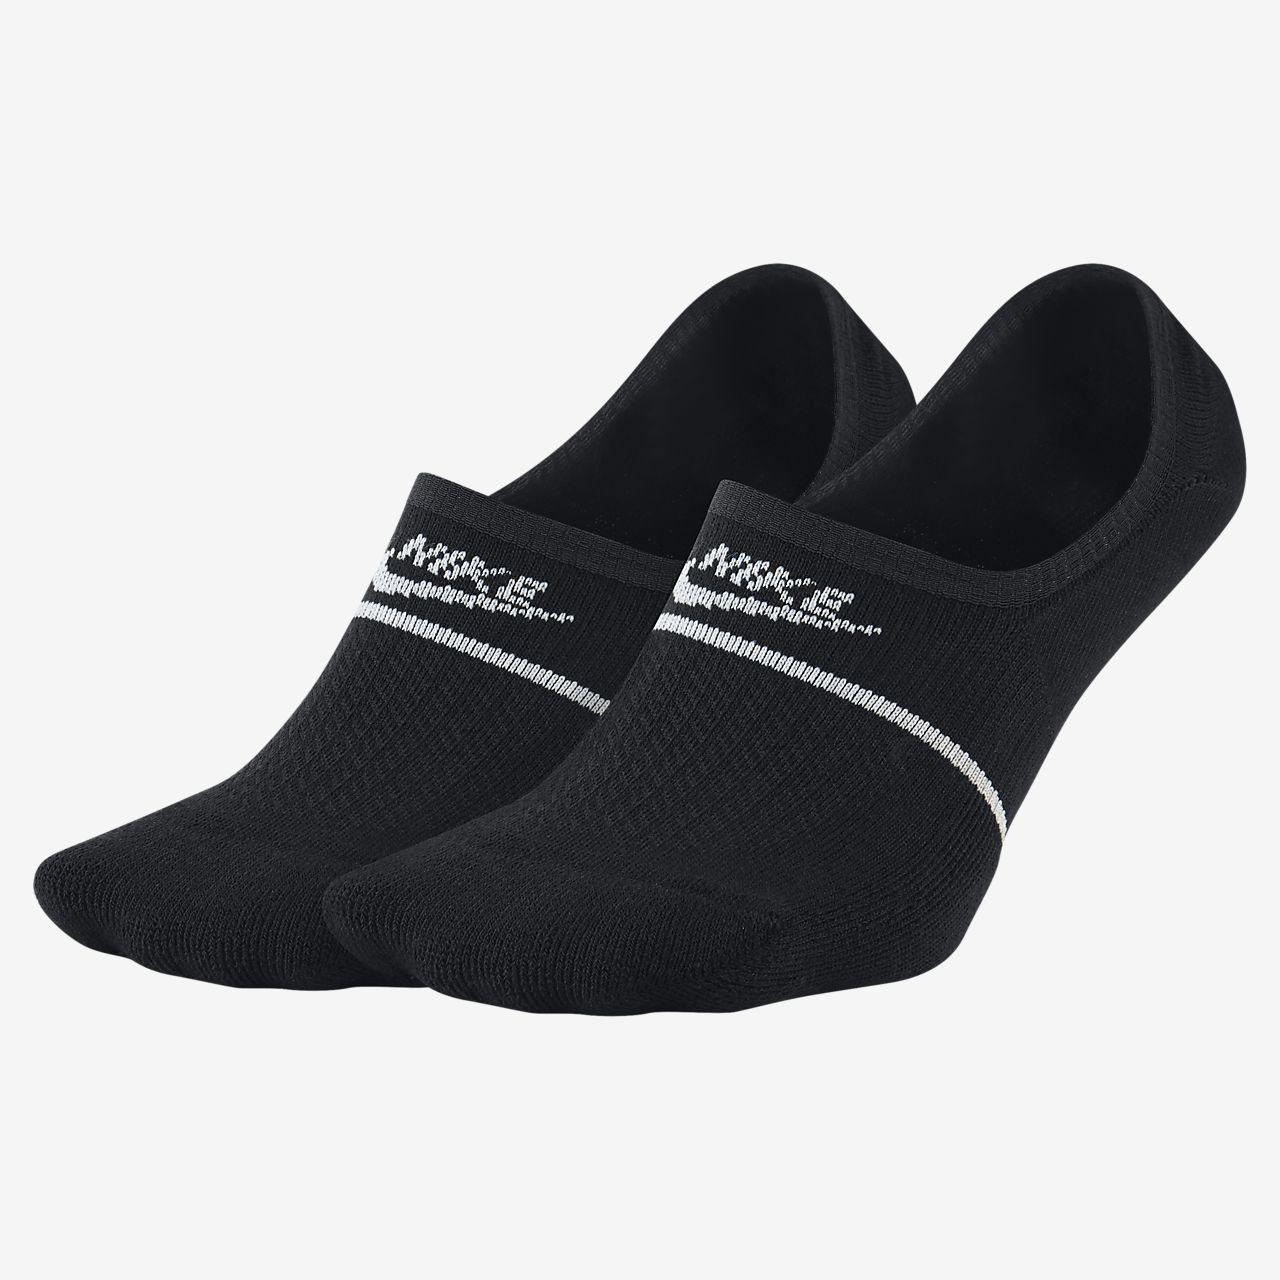 Strumpor Nike SNEAKR Sox Essential No-Show (2 par)